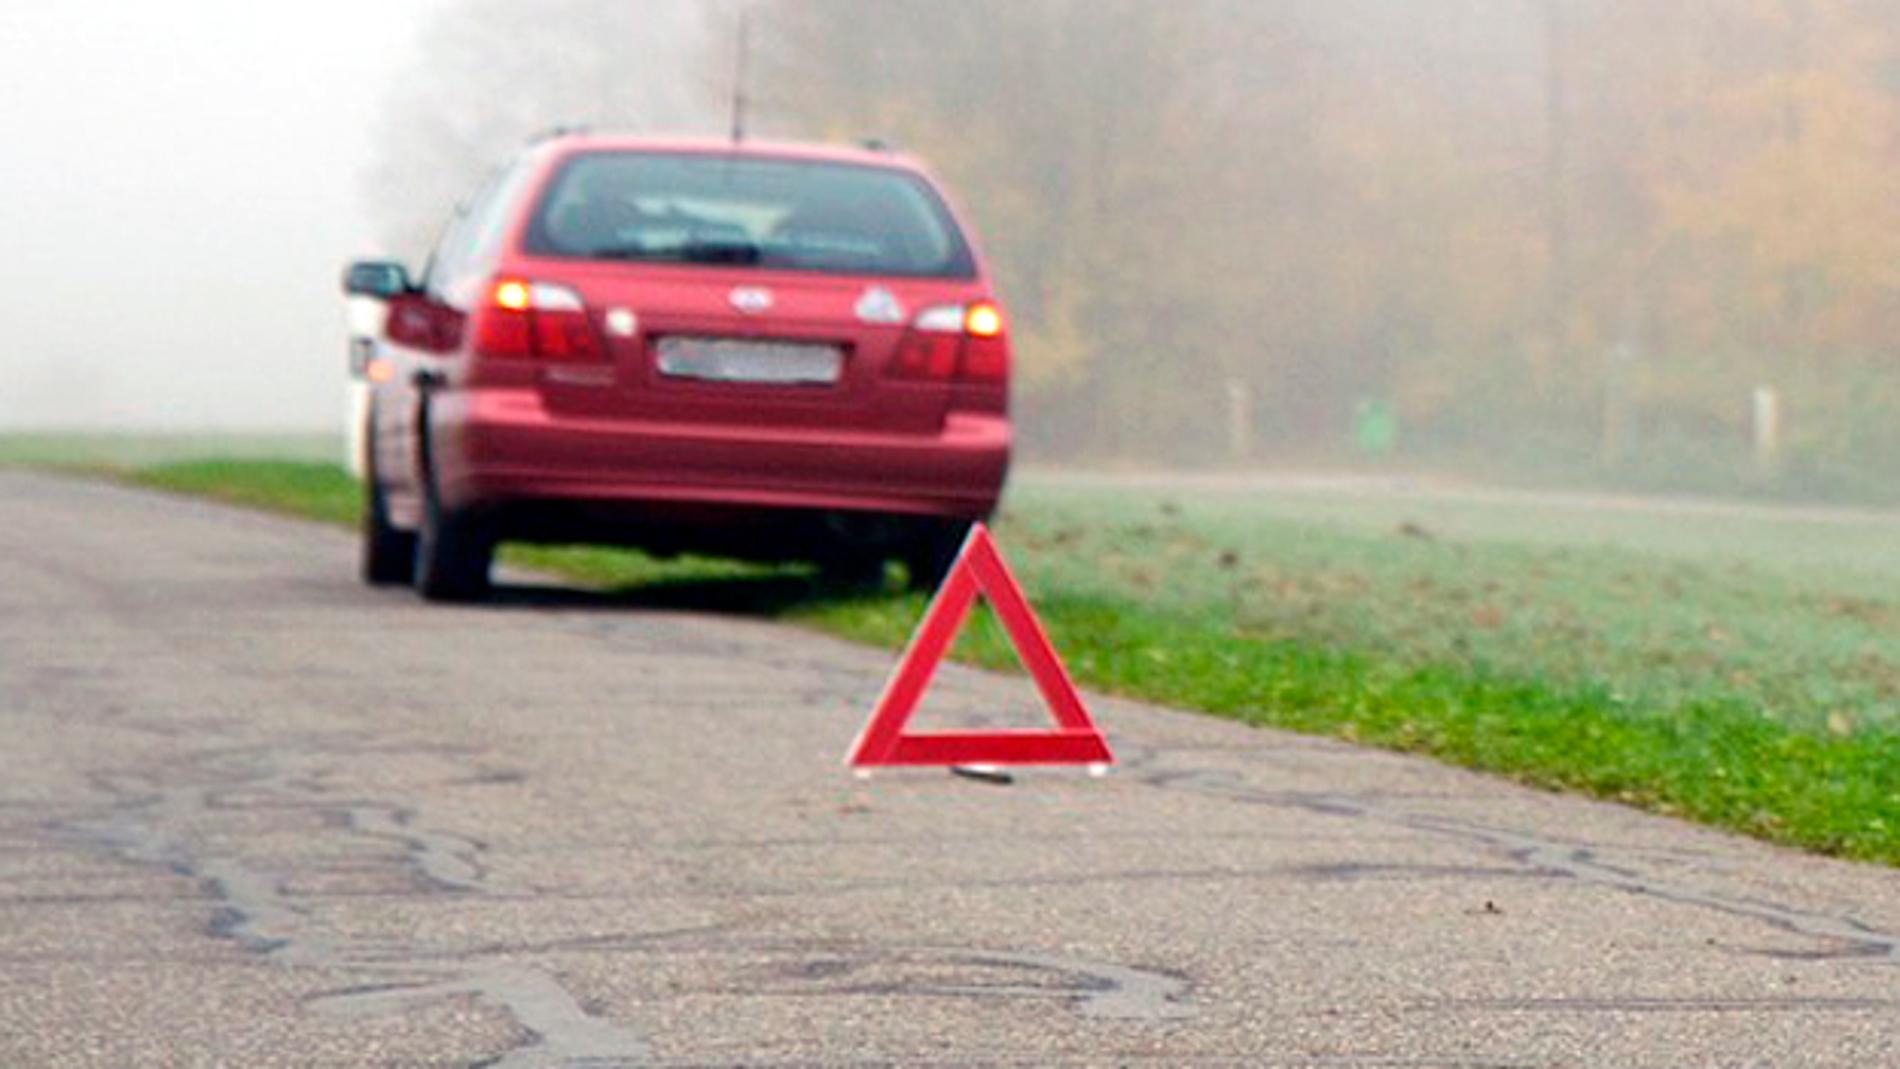 Coche averiado en la carretera